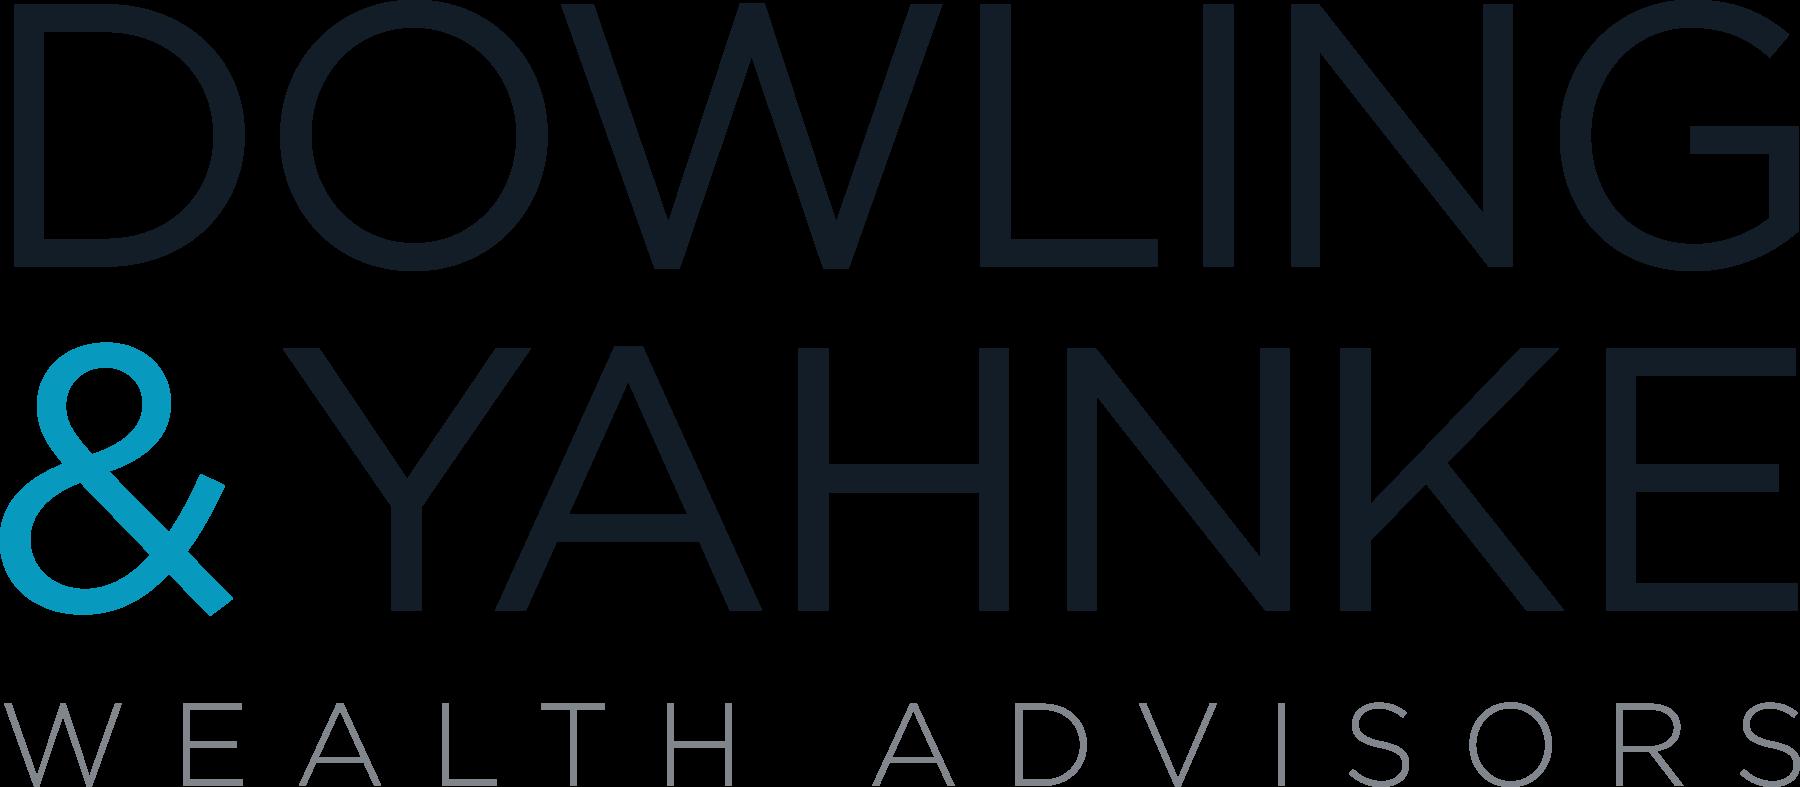 Dowling & Yahnke